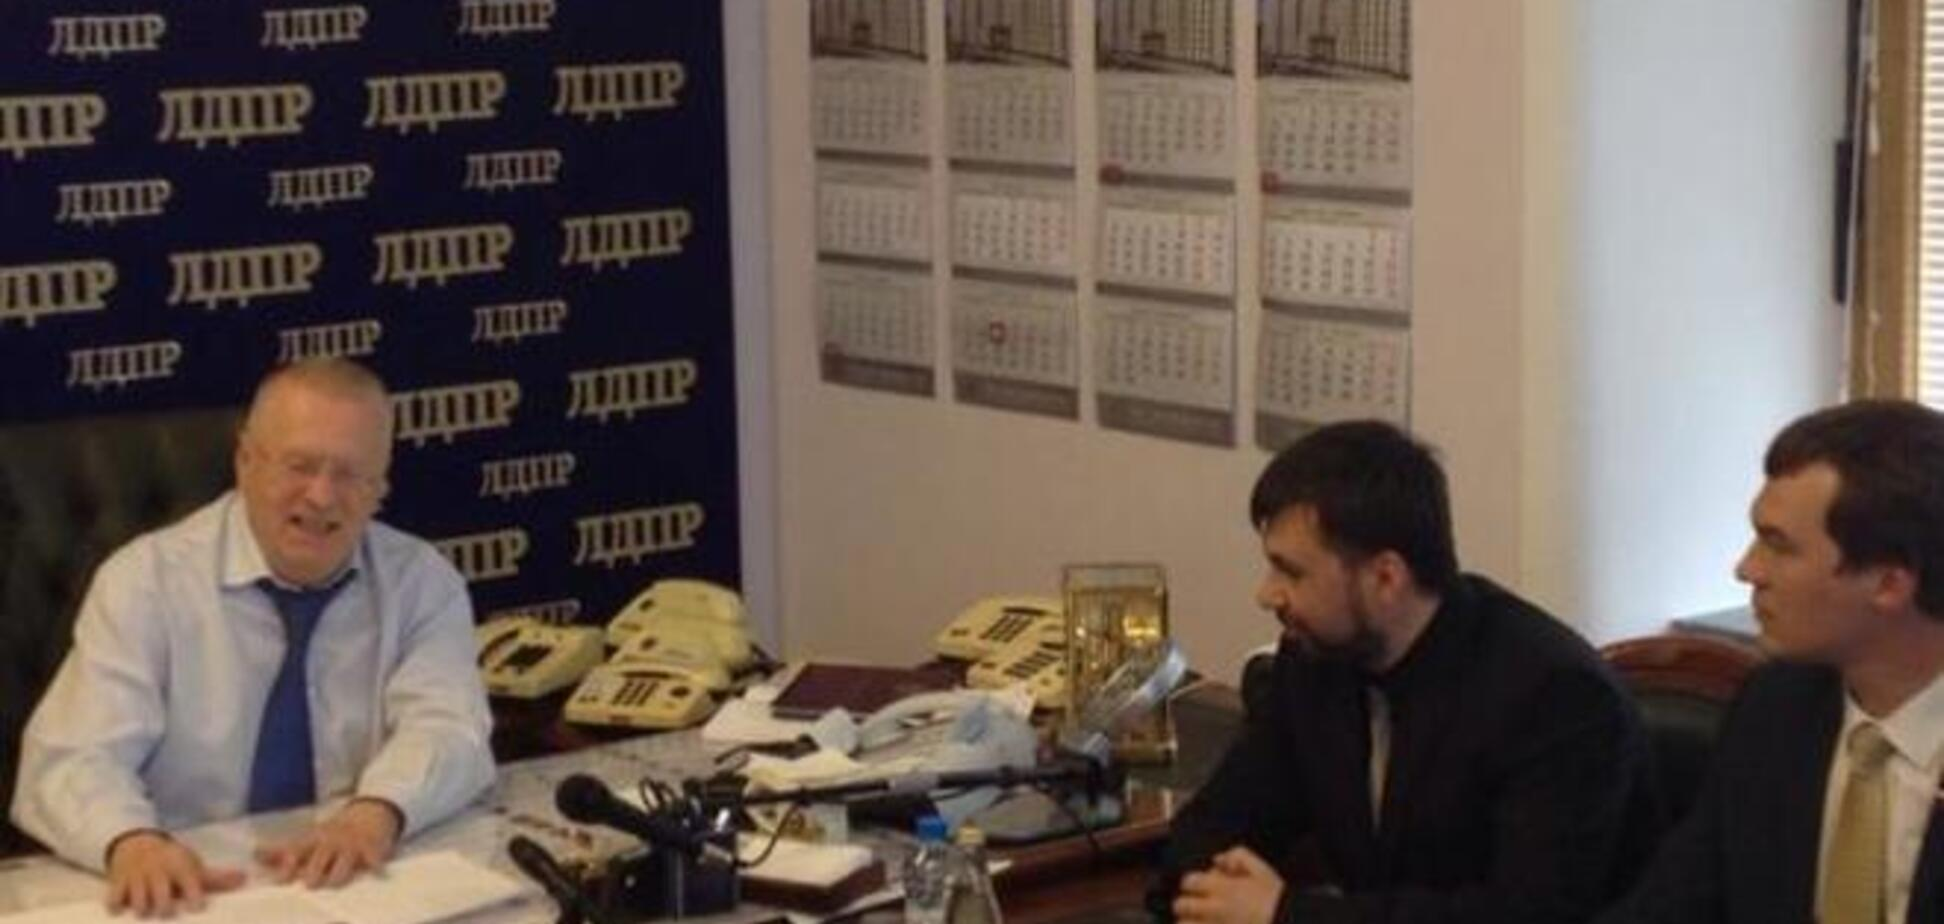 'Поймайте меня, если сможете': разыскиваемый террорист 'ДНР' Пушилин уже в Москве. Фотофакт